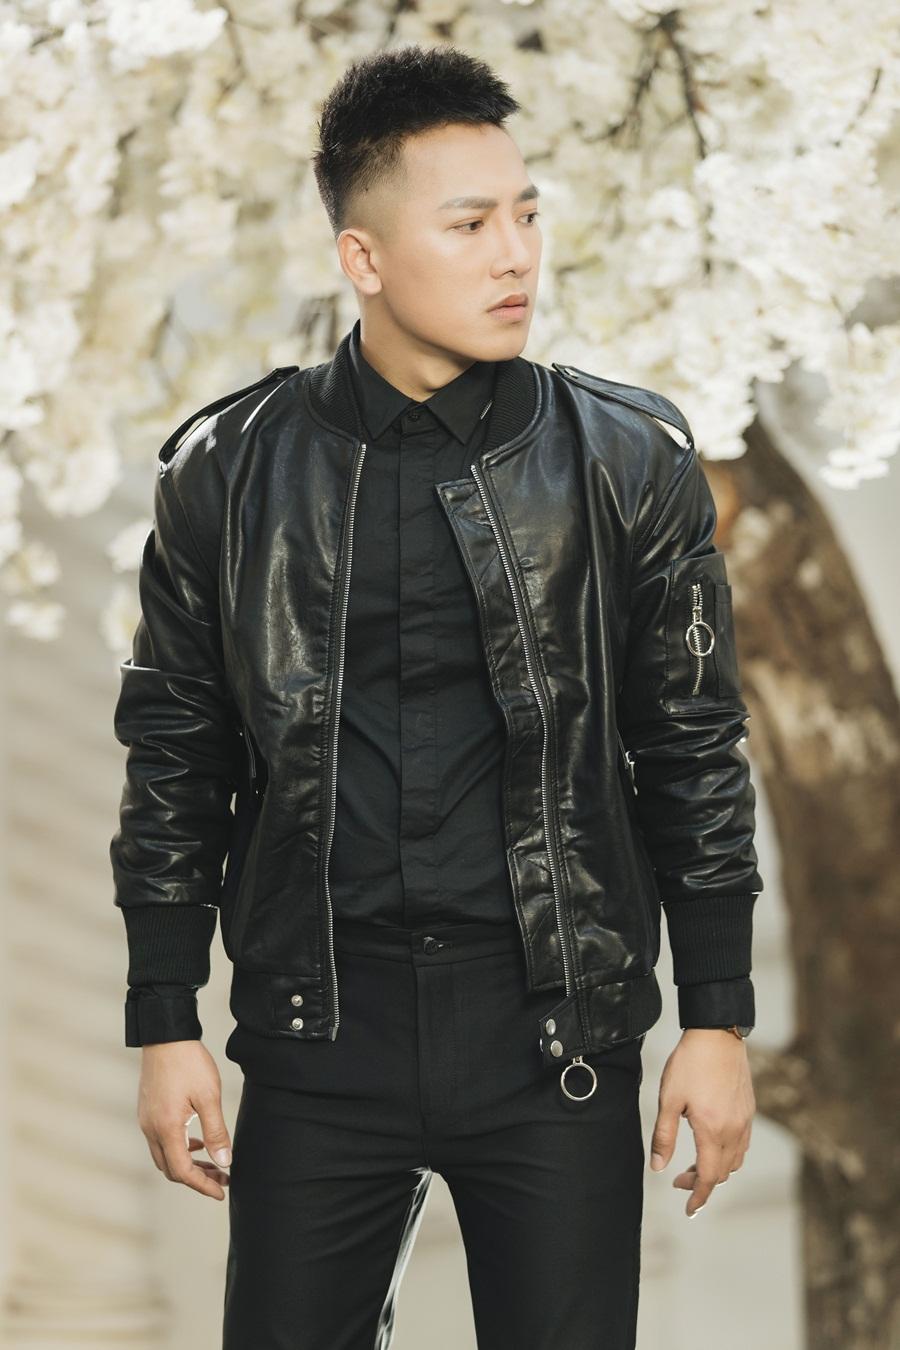 Cán mốc 100 triệu view, Châu Khải Phong đãi fan bằng MV phim ca nhạc mới - Ảnh 8.